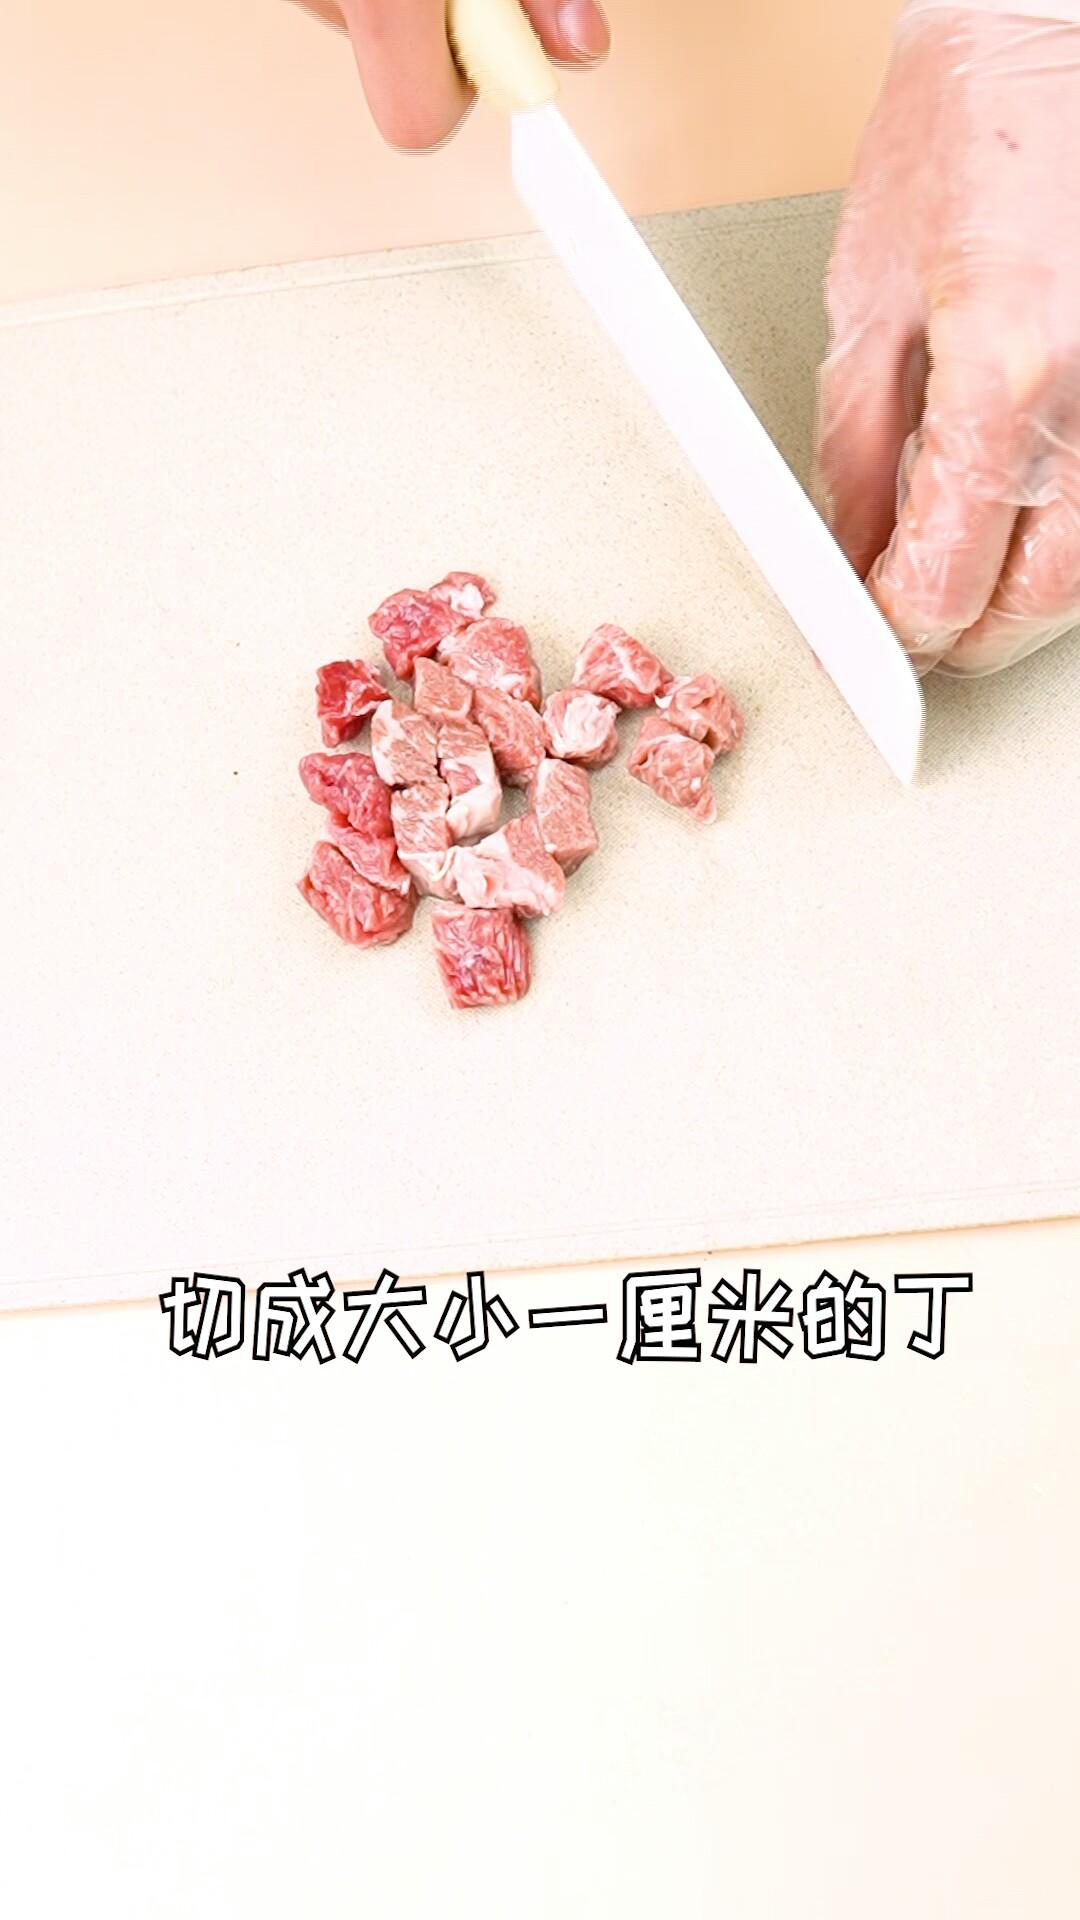 香菇胡萝卜炖牛腩的做法图解